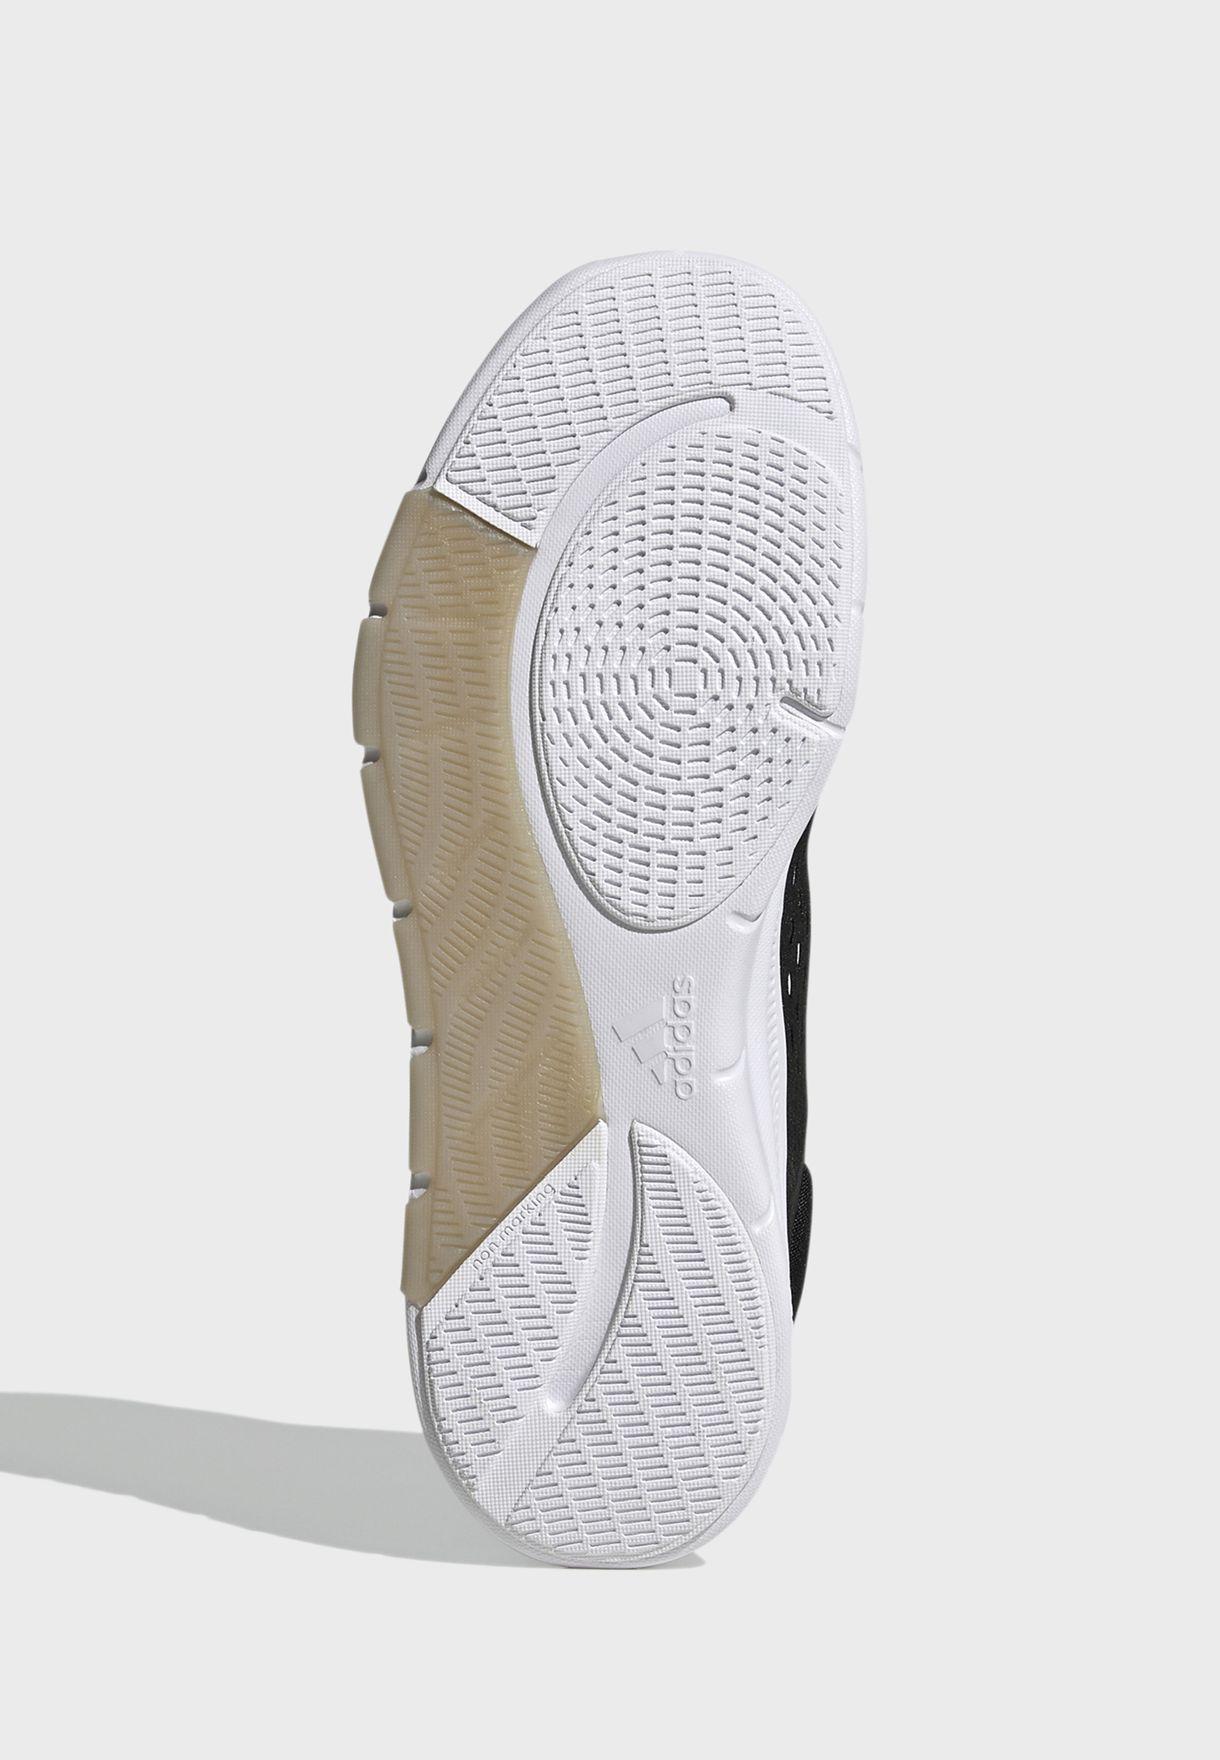 حذاء نوفا موشن كونتيمبوراري